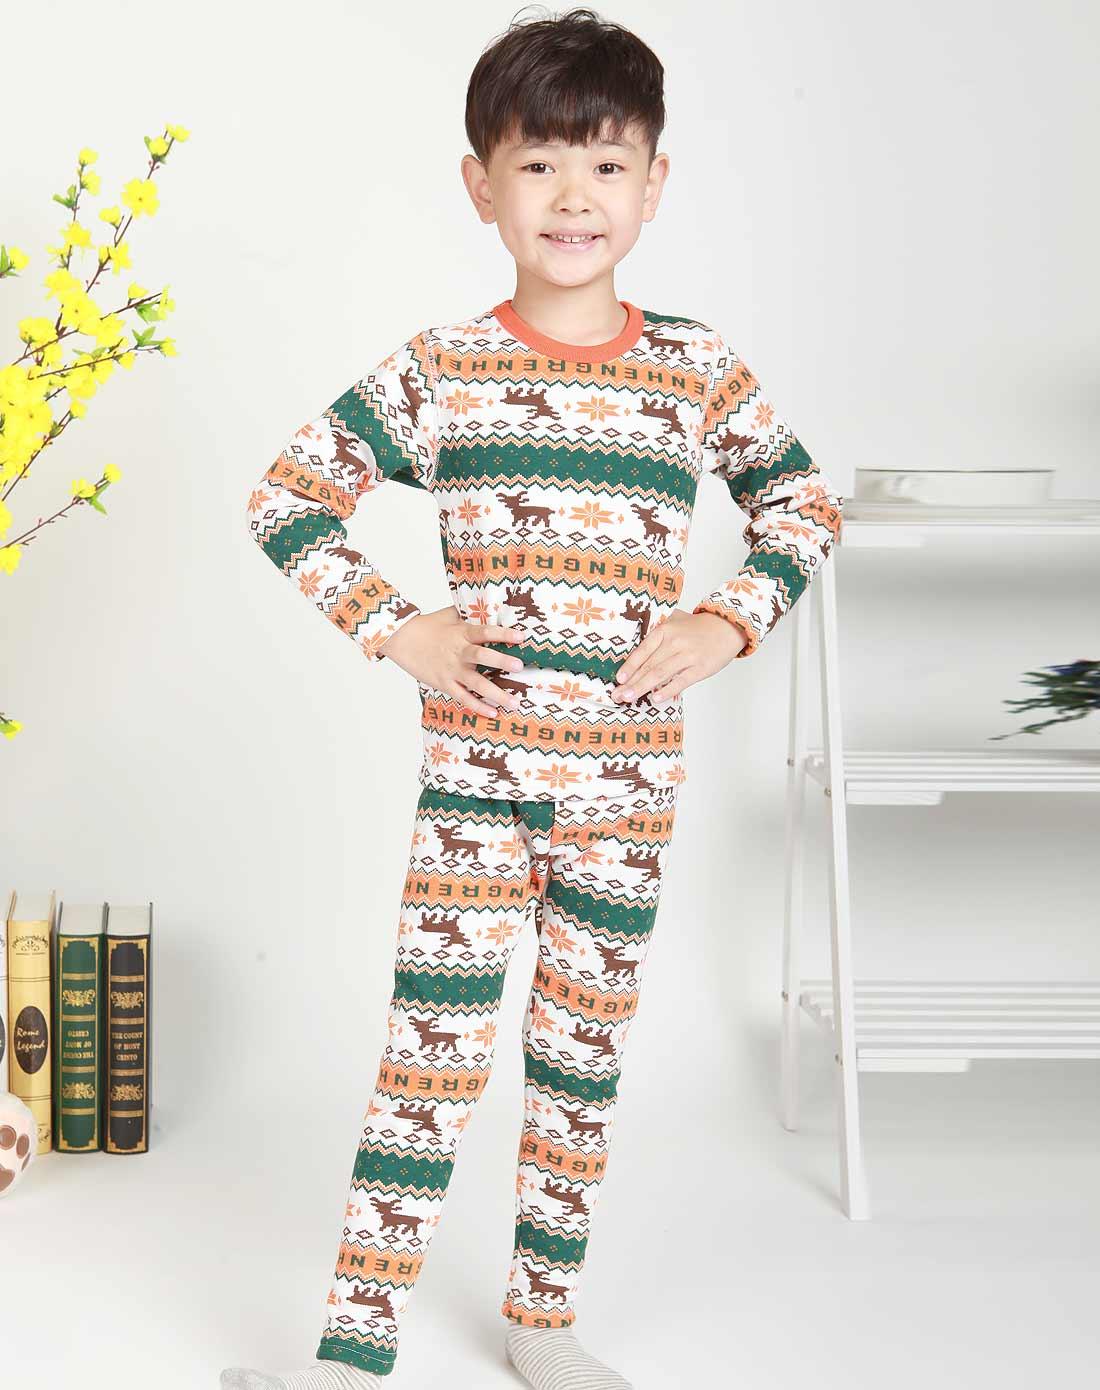 南极人njr儿童内衣专场儿童时尚保暖印花少儿内衣